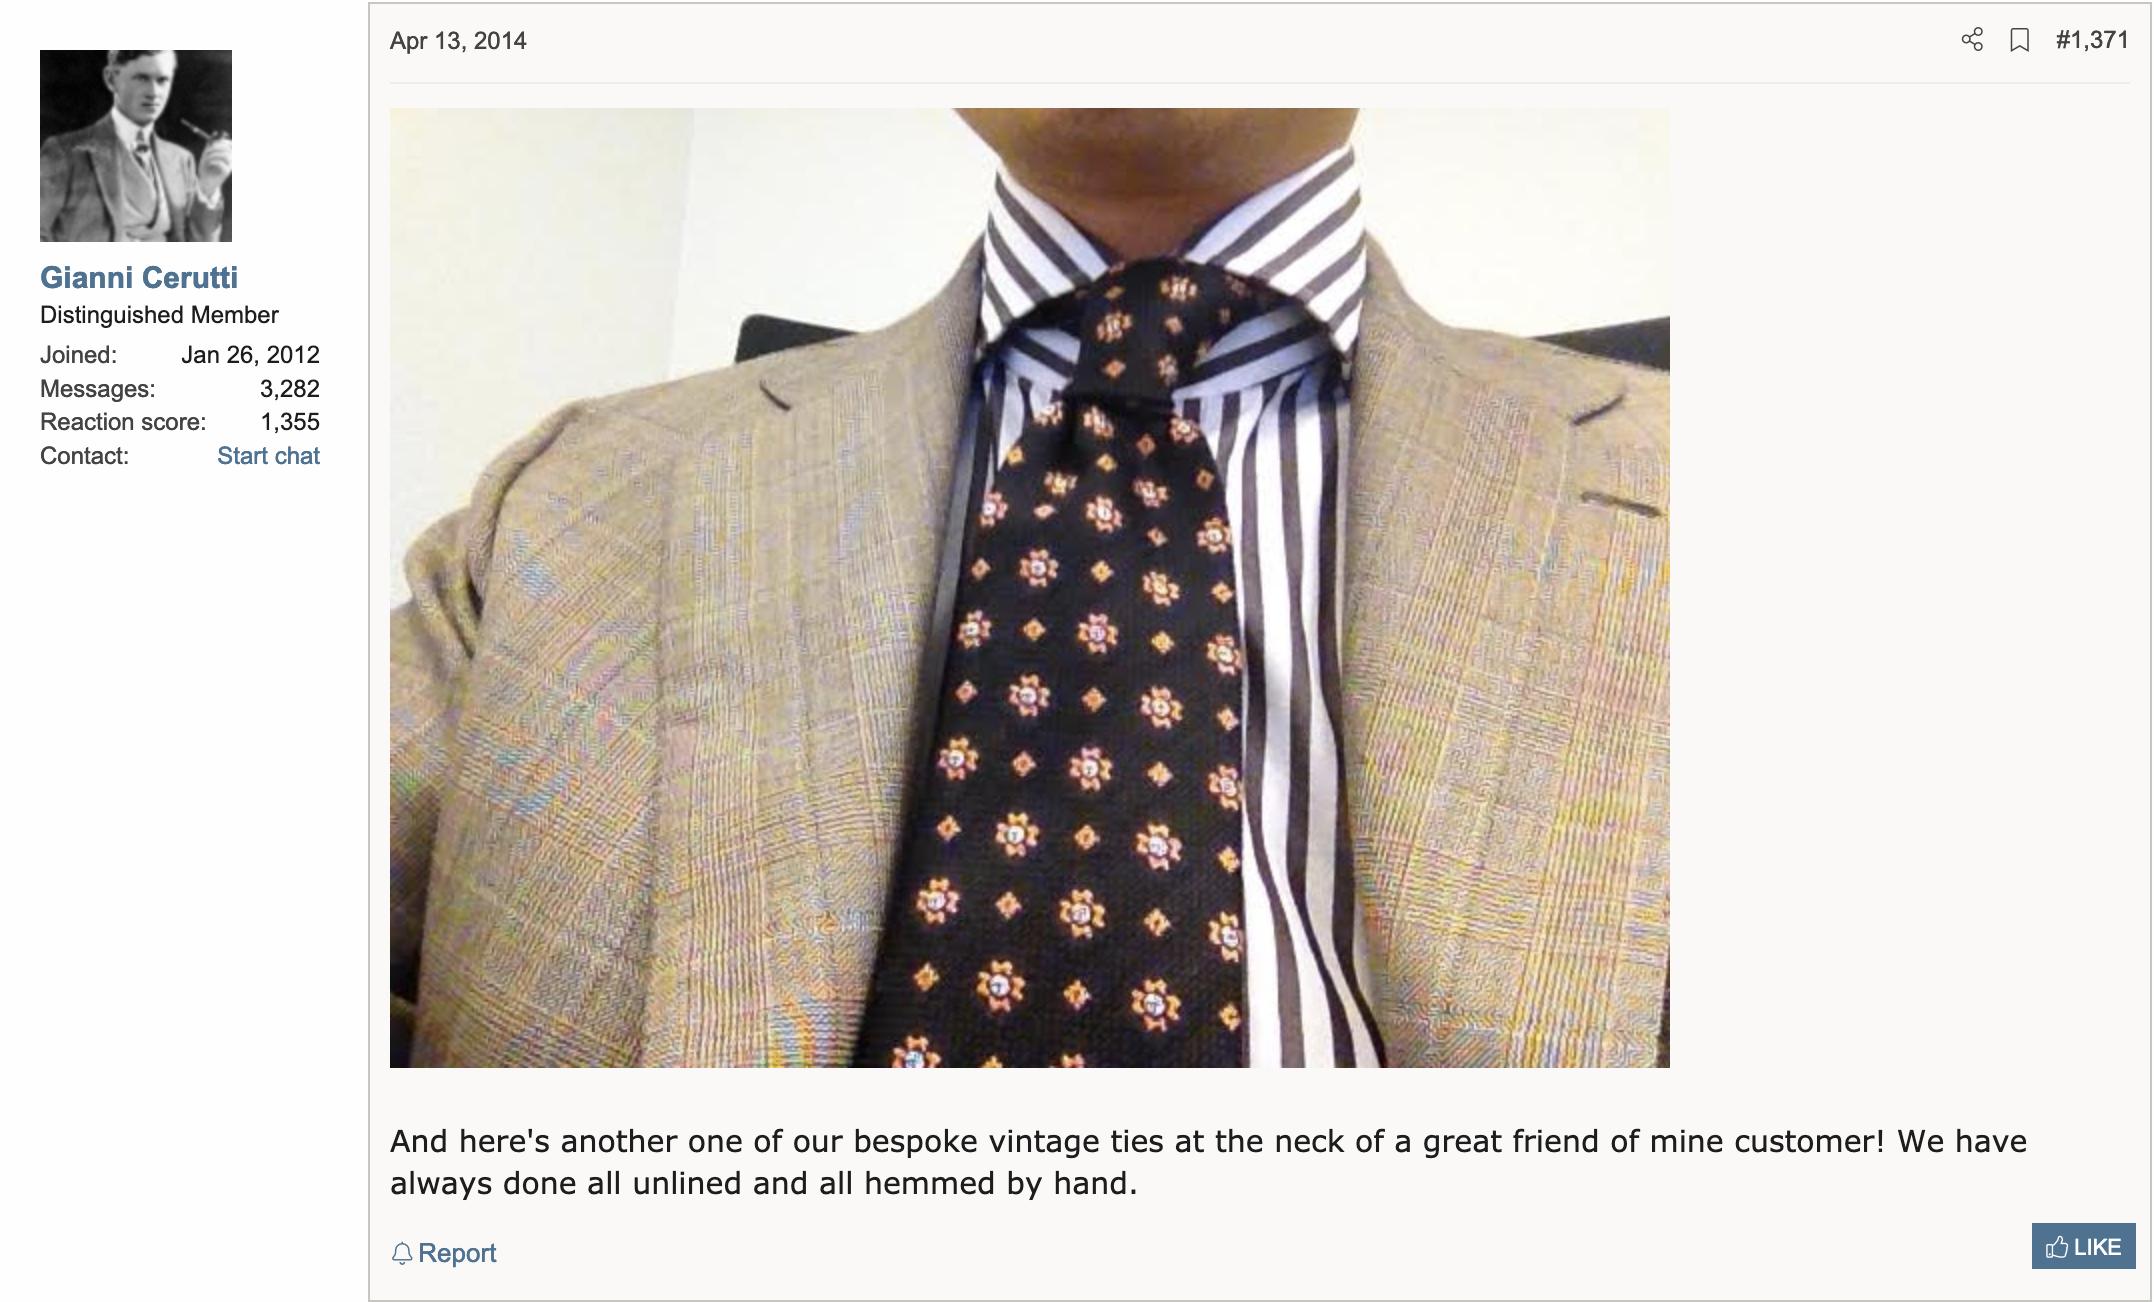 """Gianni présente fièrement la dernière cravate vintage qu'il a """"réalisée"""" pour un de ses """"great friend of mine customer"""" (Source: Styleforum)"""